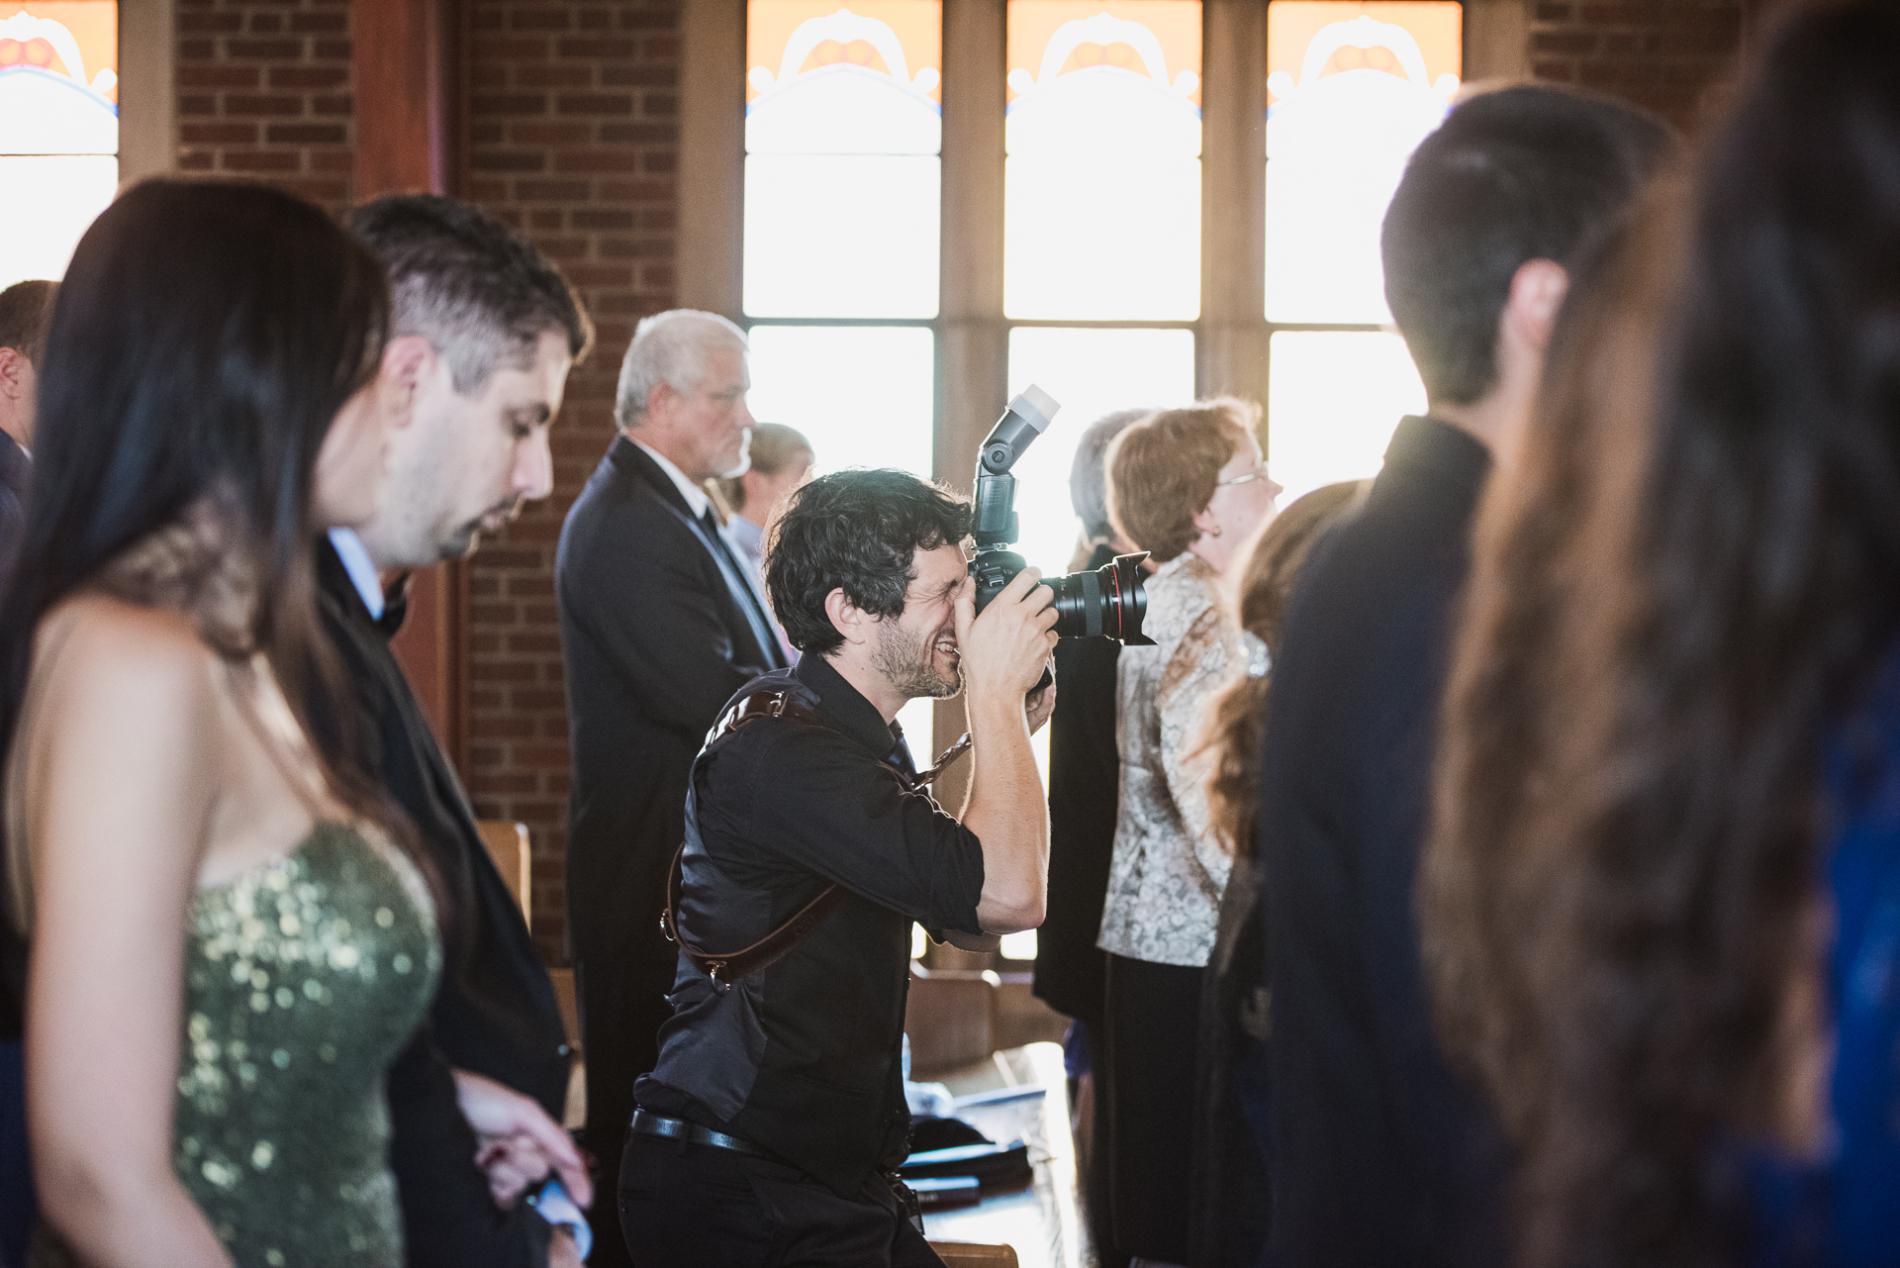 San Francisco Hochzeit Fotojournalist Drew Bird.